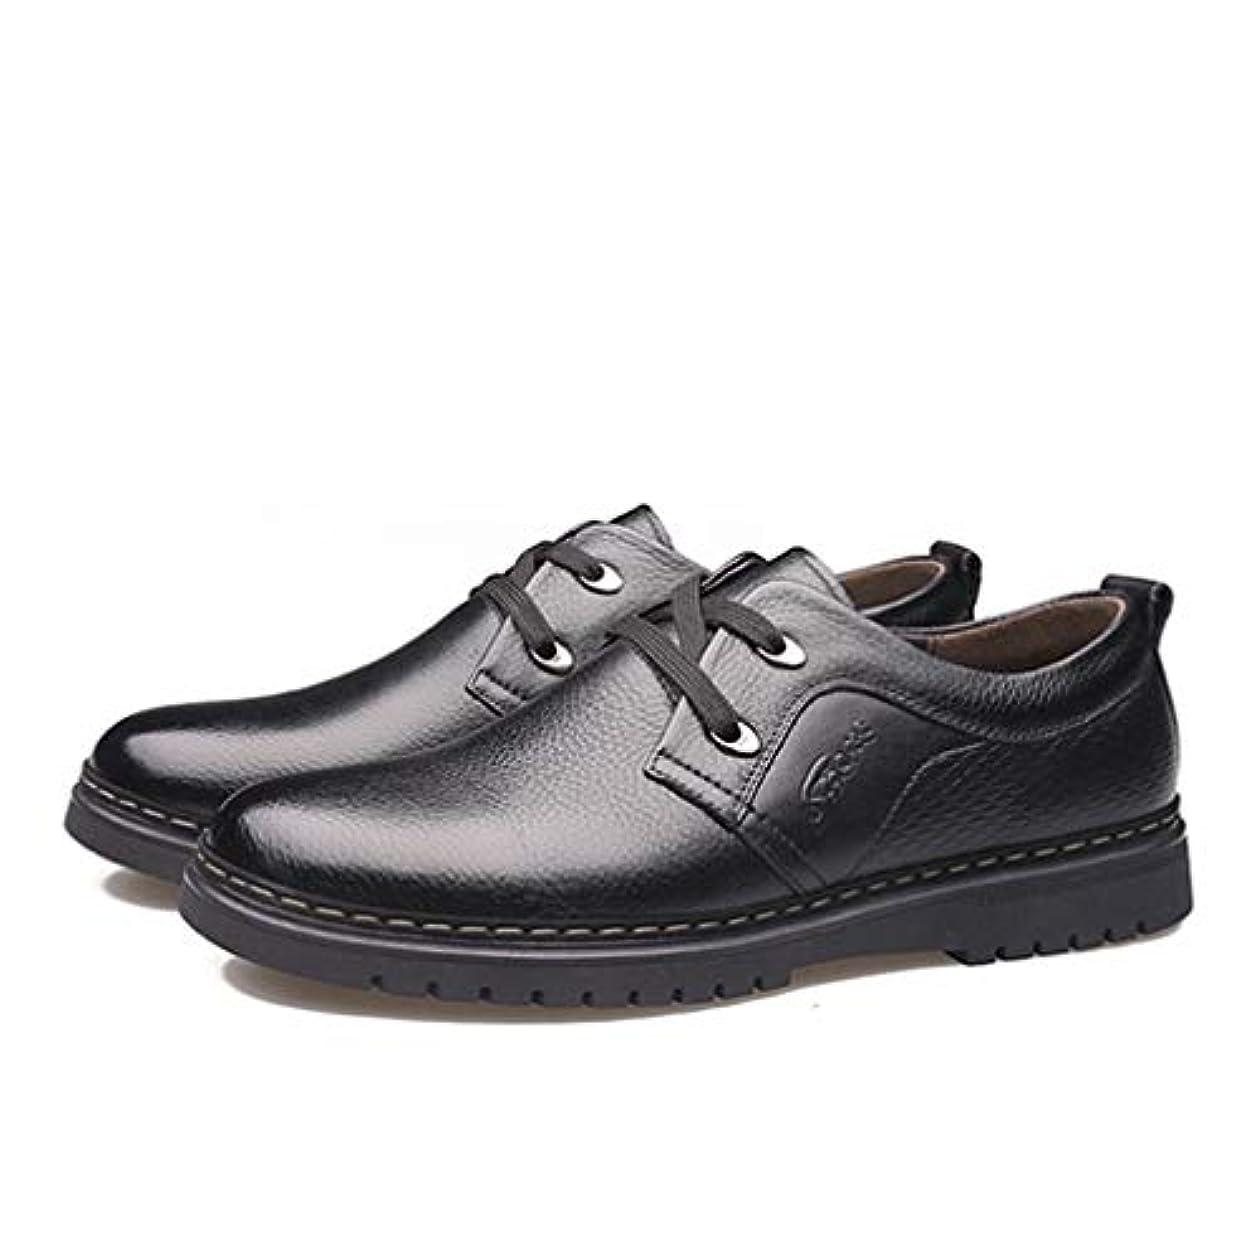 運命的な塊蓄積するビジネスシューズ 紳士靴 プレーントゥ オックスフォード メンズシューズ メンズ レースアップ 軽量 革靴 通勤 通気性 カジュアル 24.0cm 24.5cm 25.0cm 25.5cm 26.0cm 26.5cm 27.0cm...